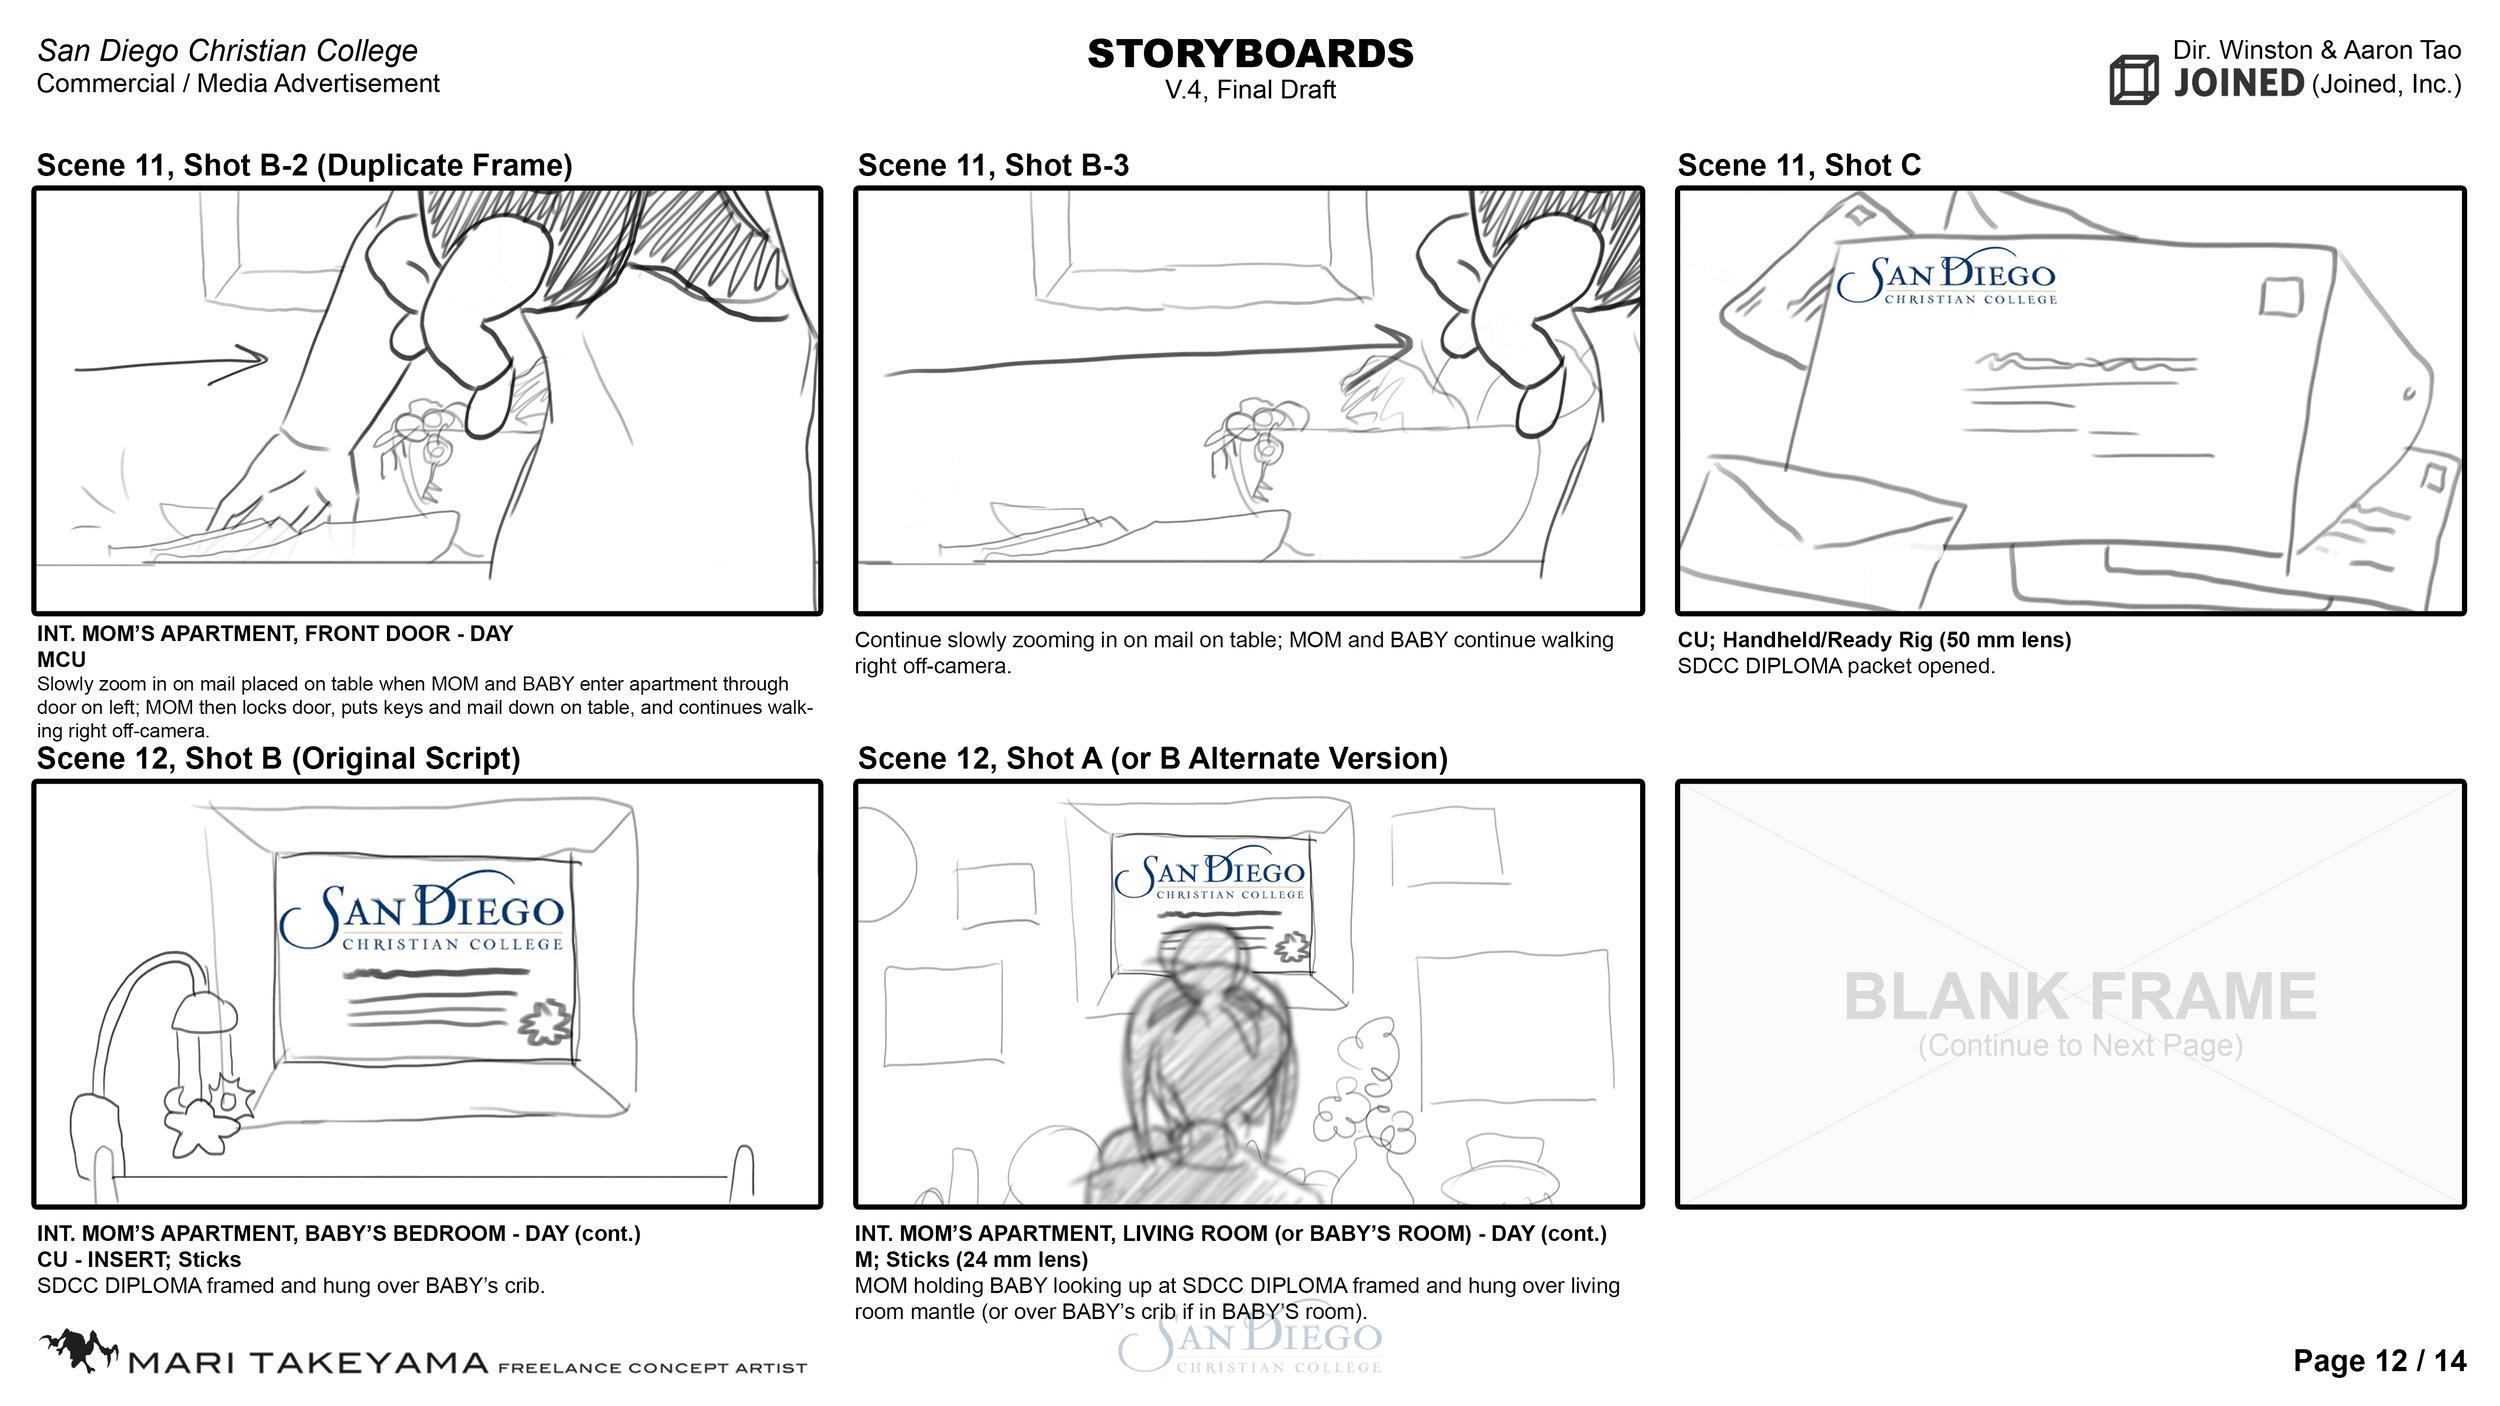 SDCC_Storyboards_FinalDraft_15.jpg